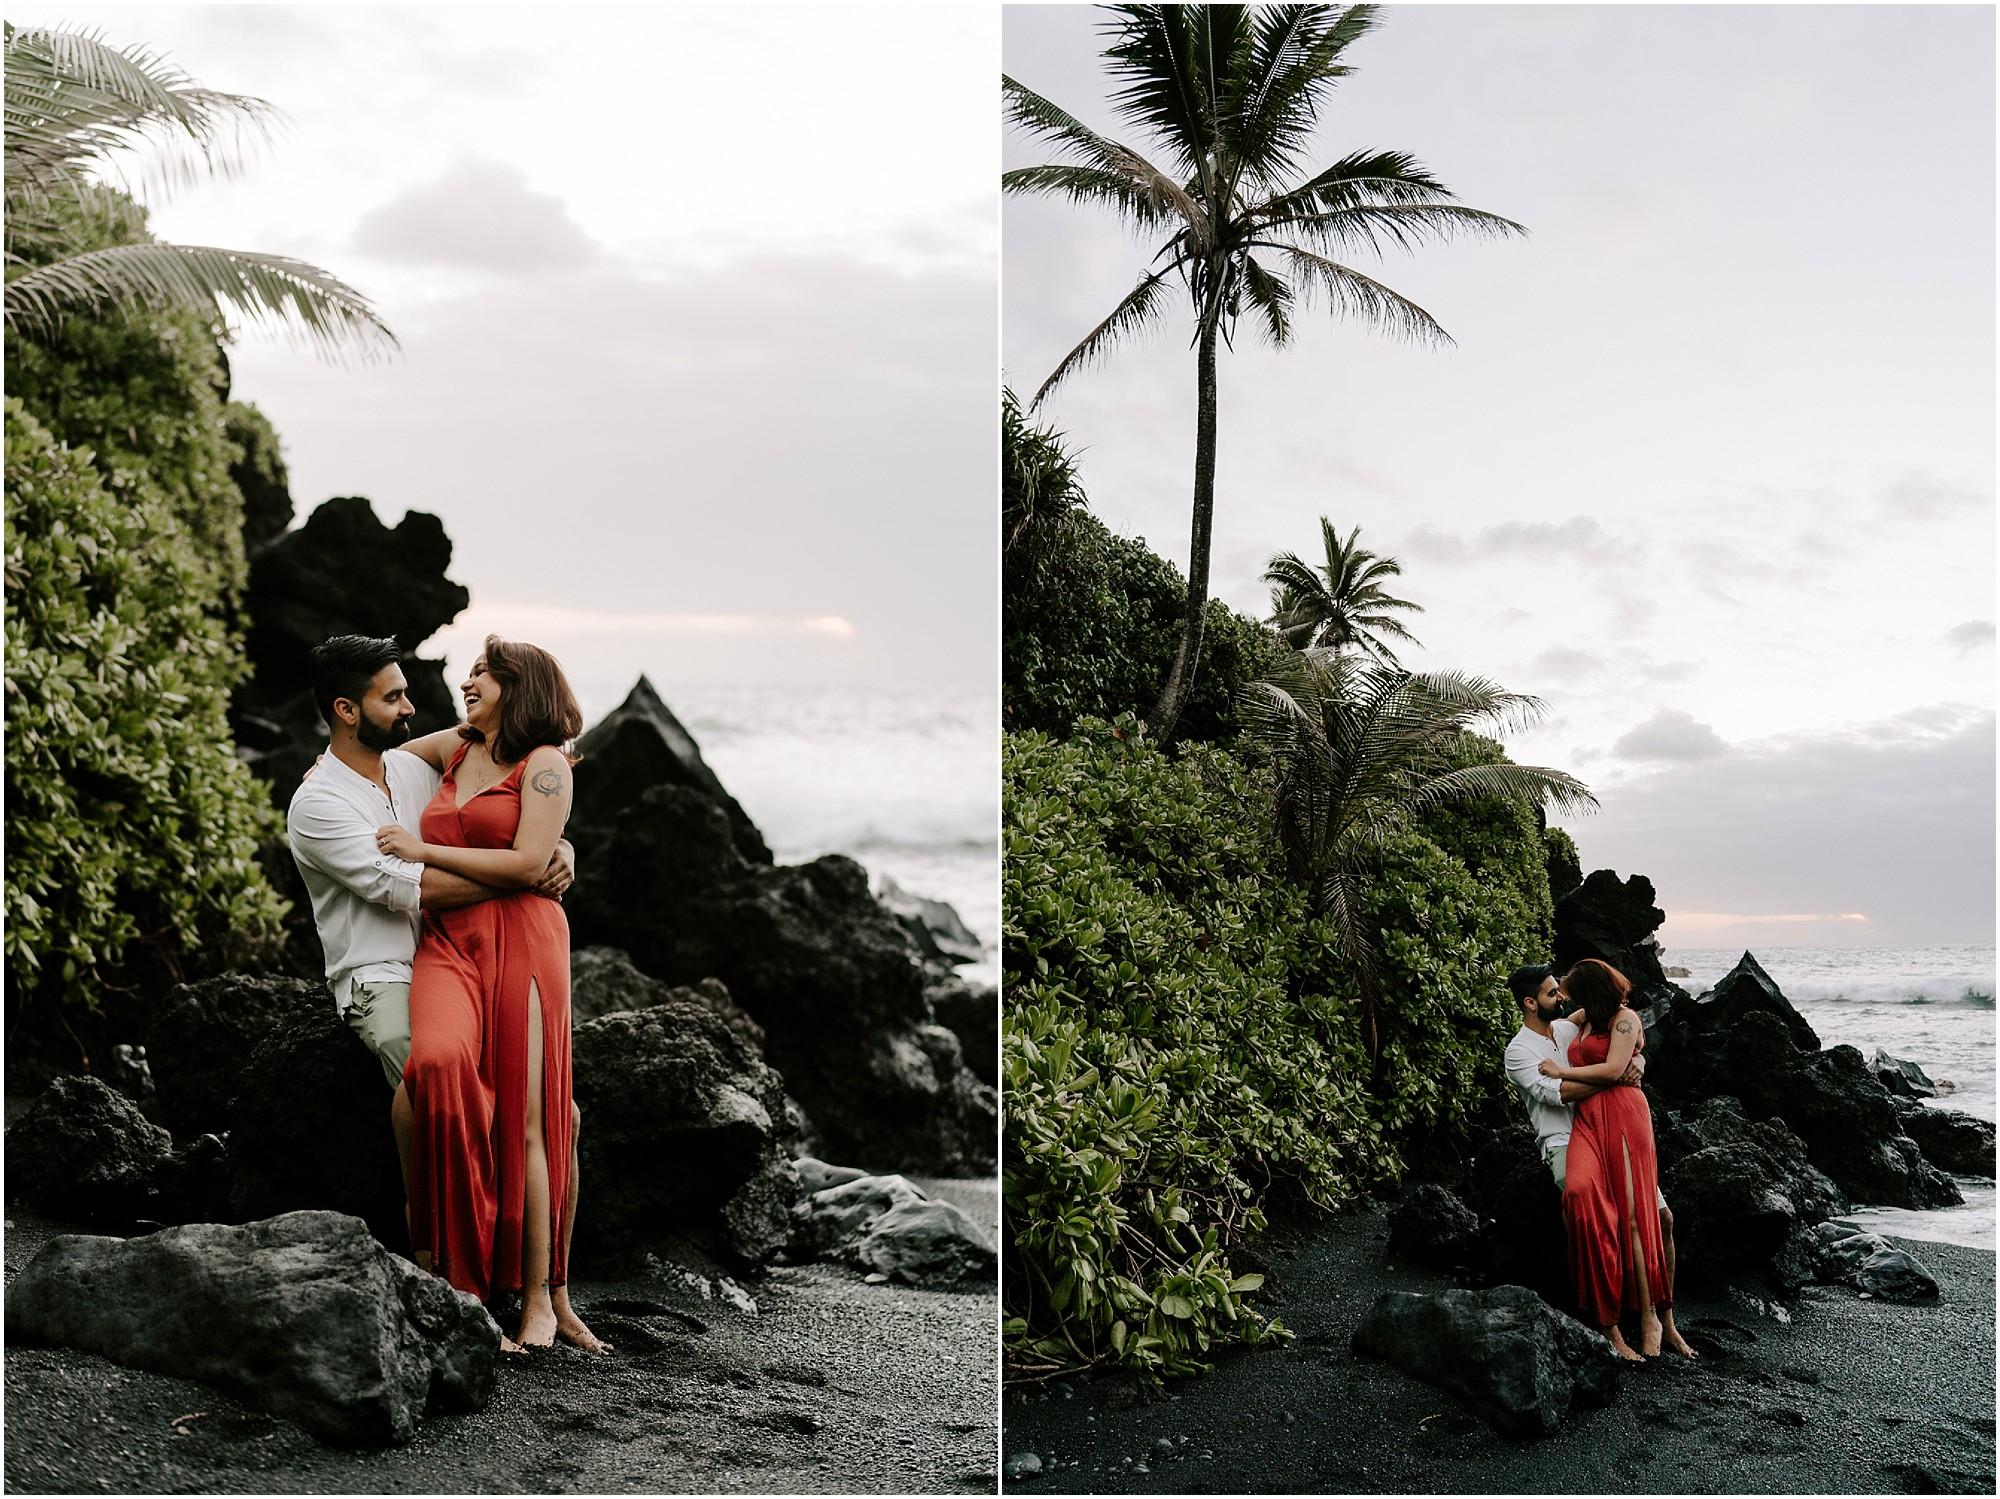 black-sand-beach-maui-hawaii-elopement-photographer_0011.jpg